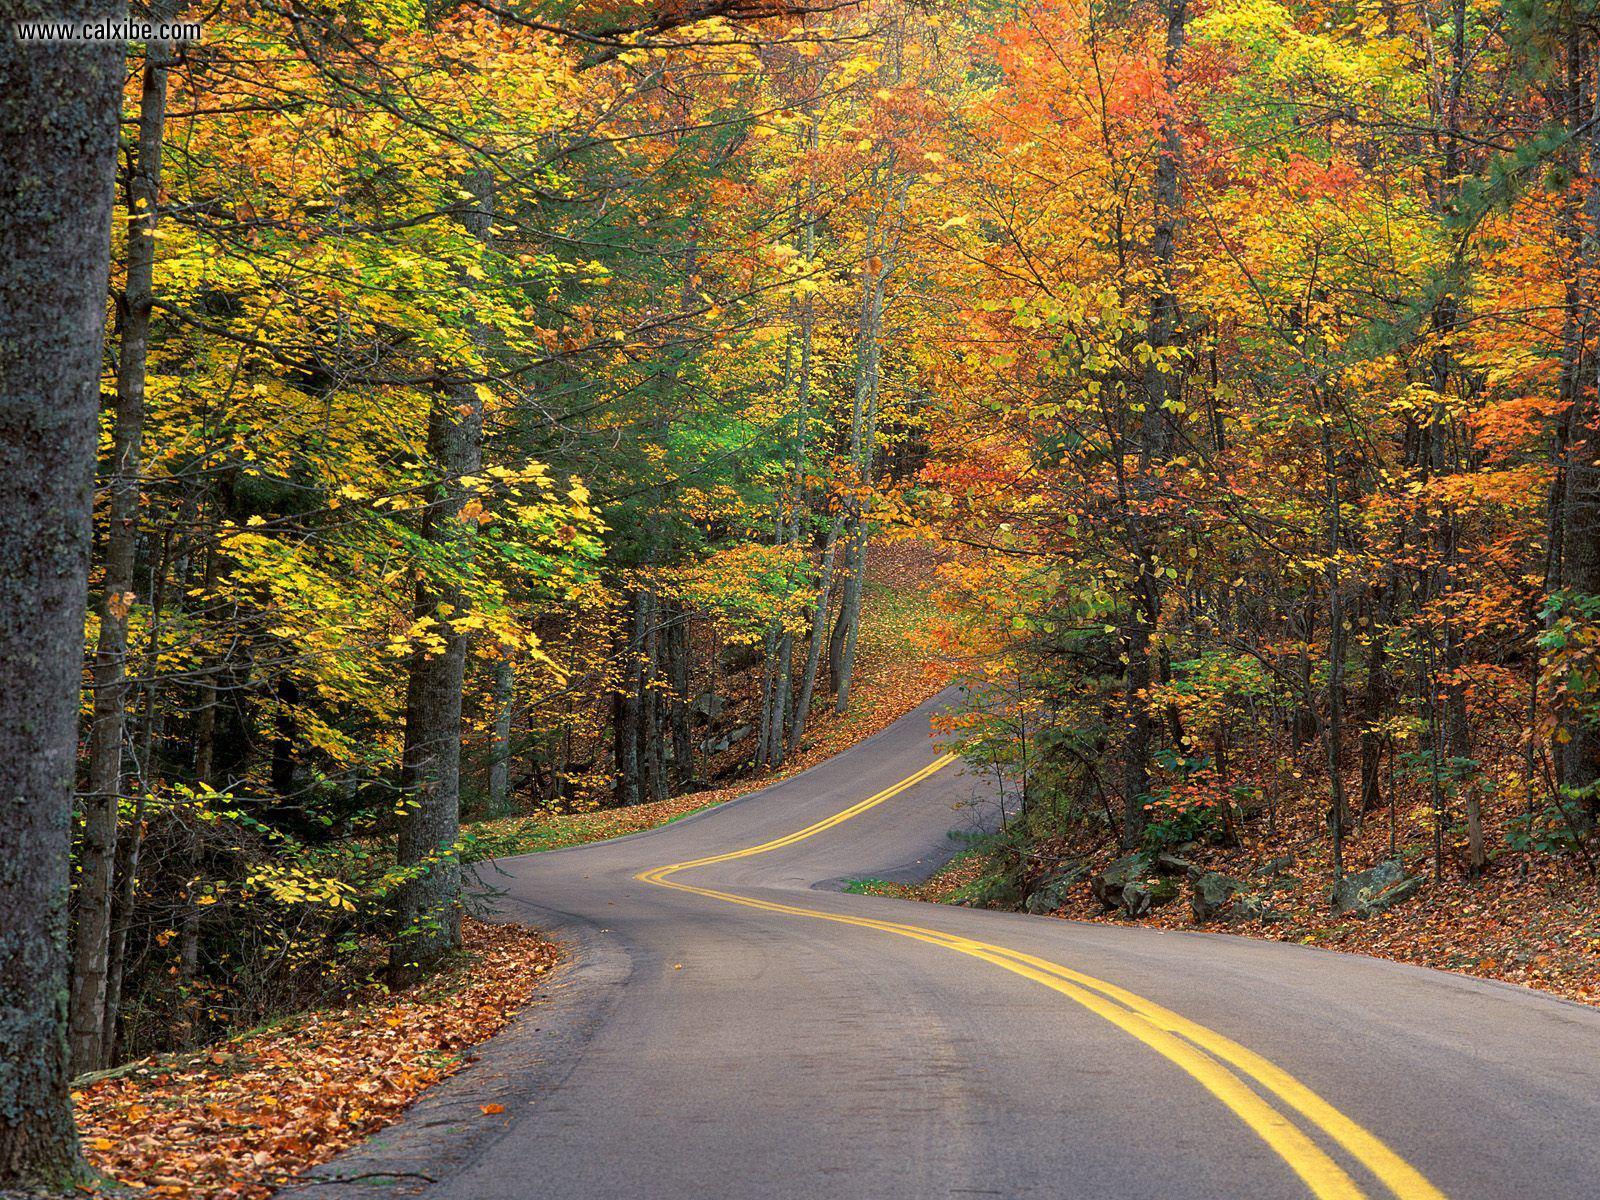 осень, извилистая дорога, скачать фото, желтые листья